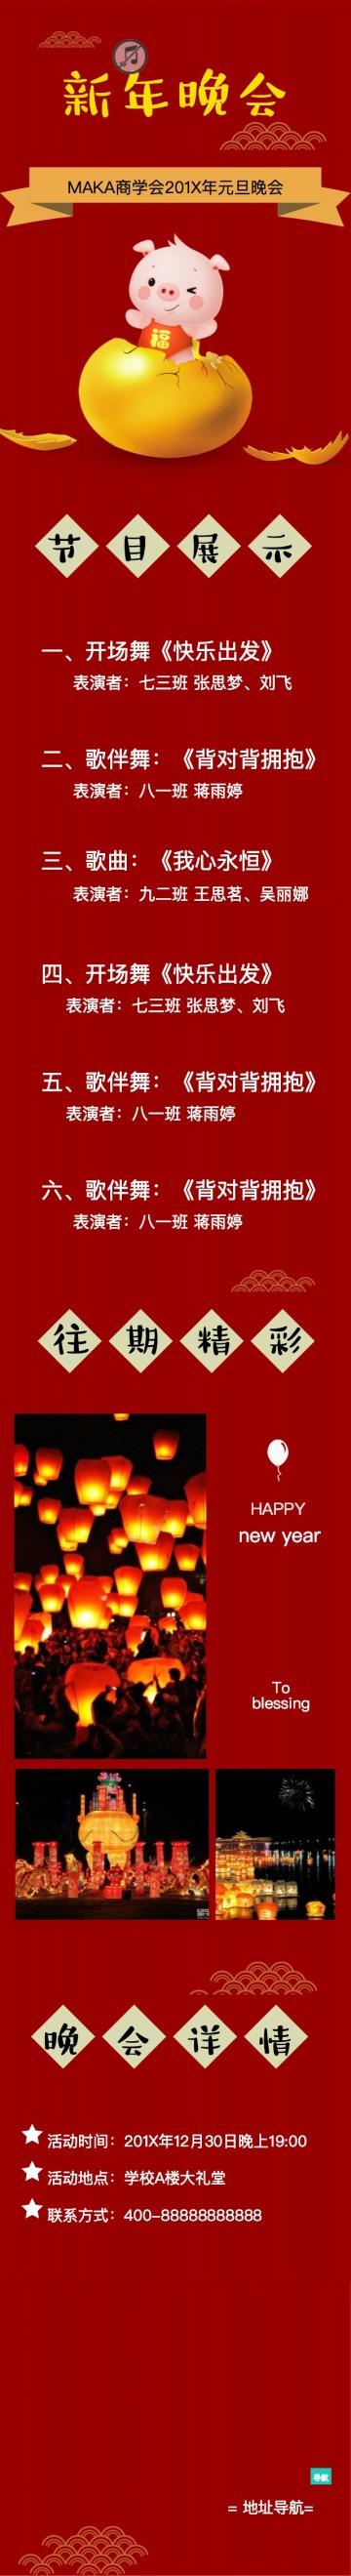 新年晚会-节目展示单页